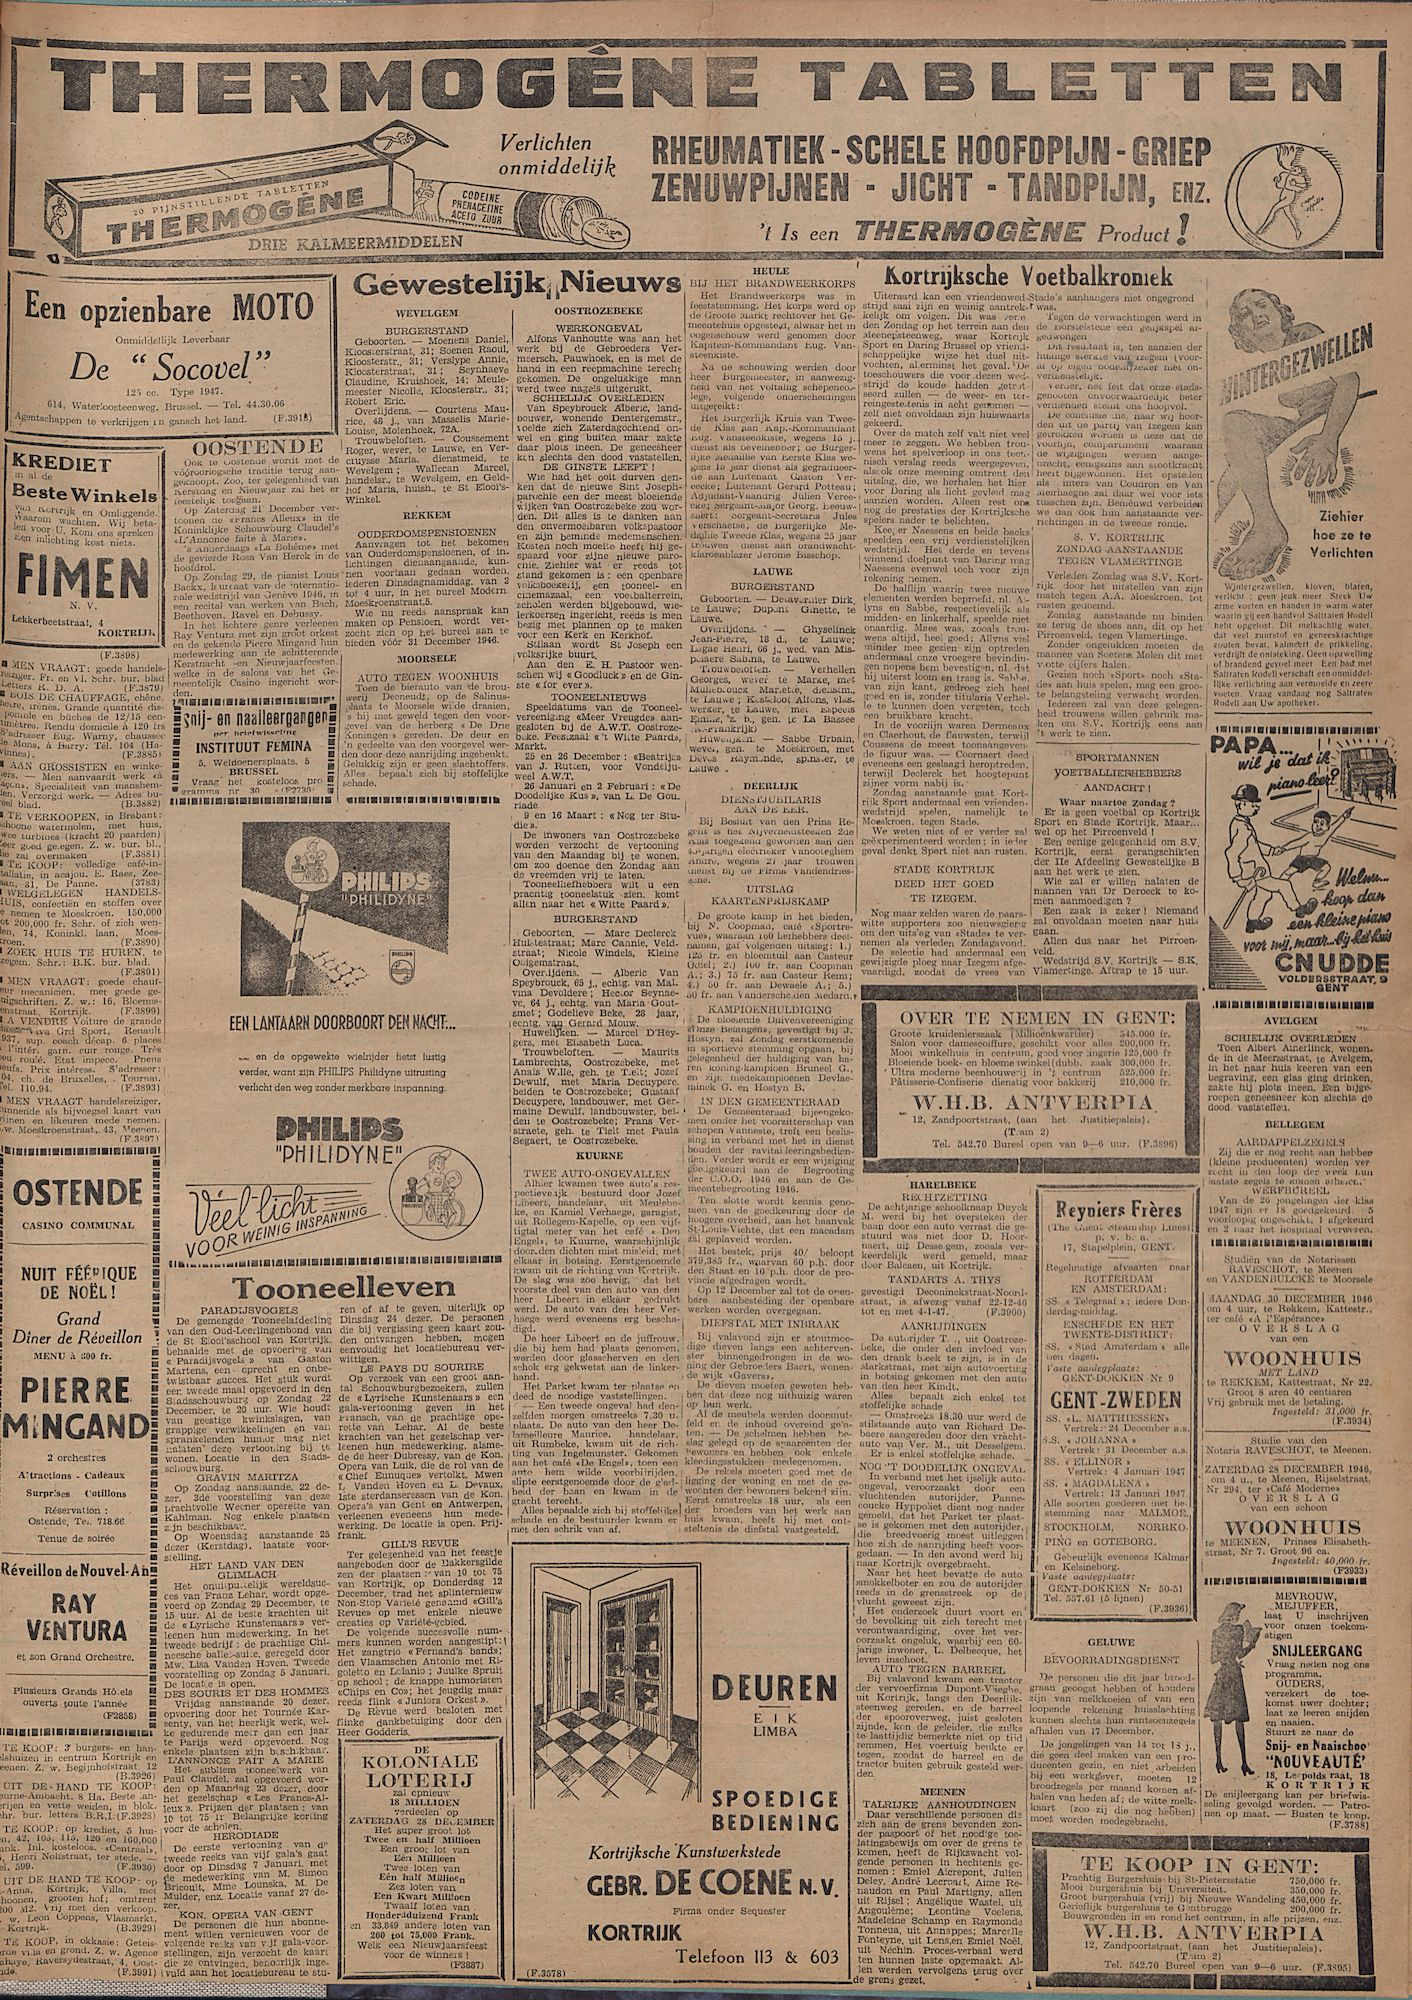 Kortrijksch Handelsblad 20 december 1946 Nr102 p3